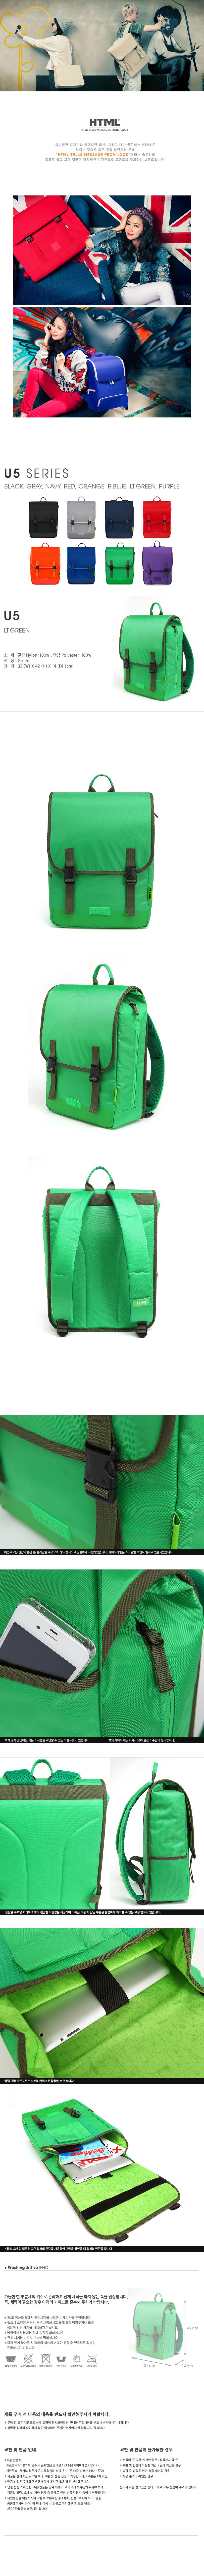 [에이치티엠엘]HTML - NEW U5 Backpack (LT.Green)_학생가방_스쿨백팩